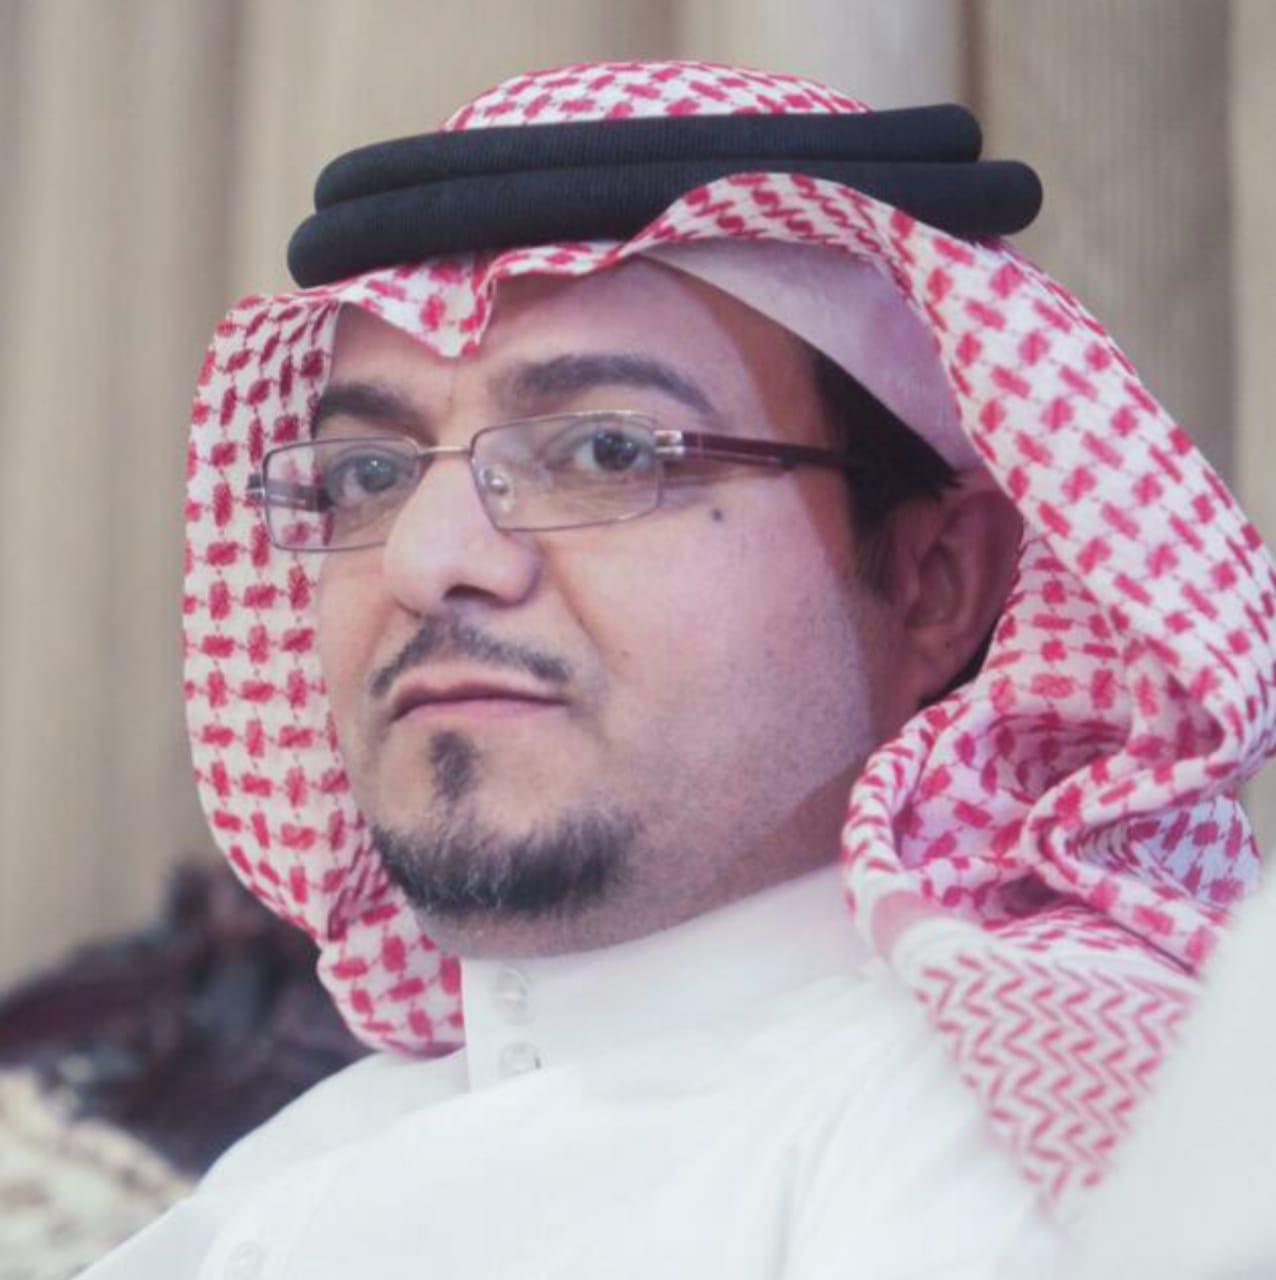 Aziz Alothman